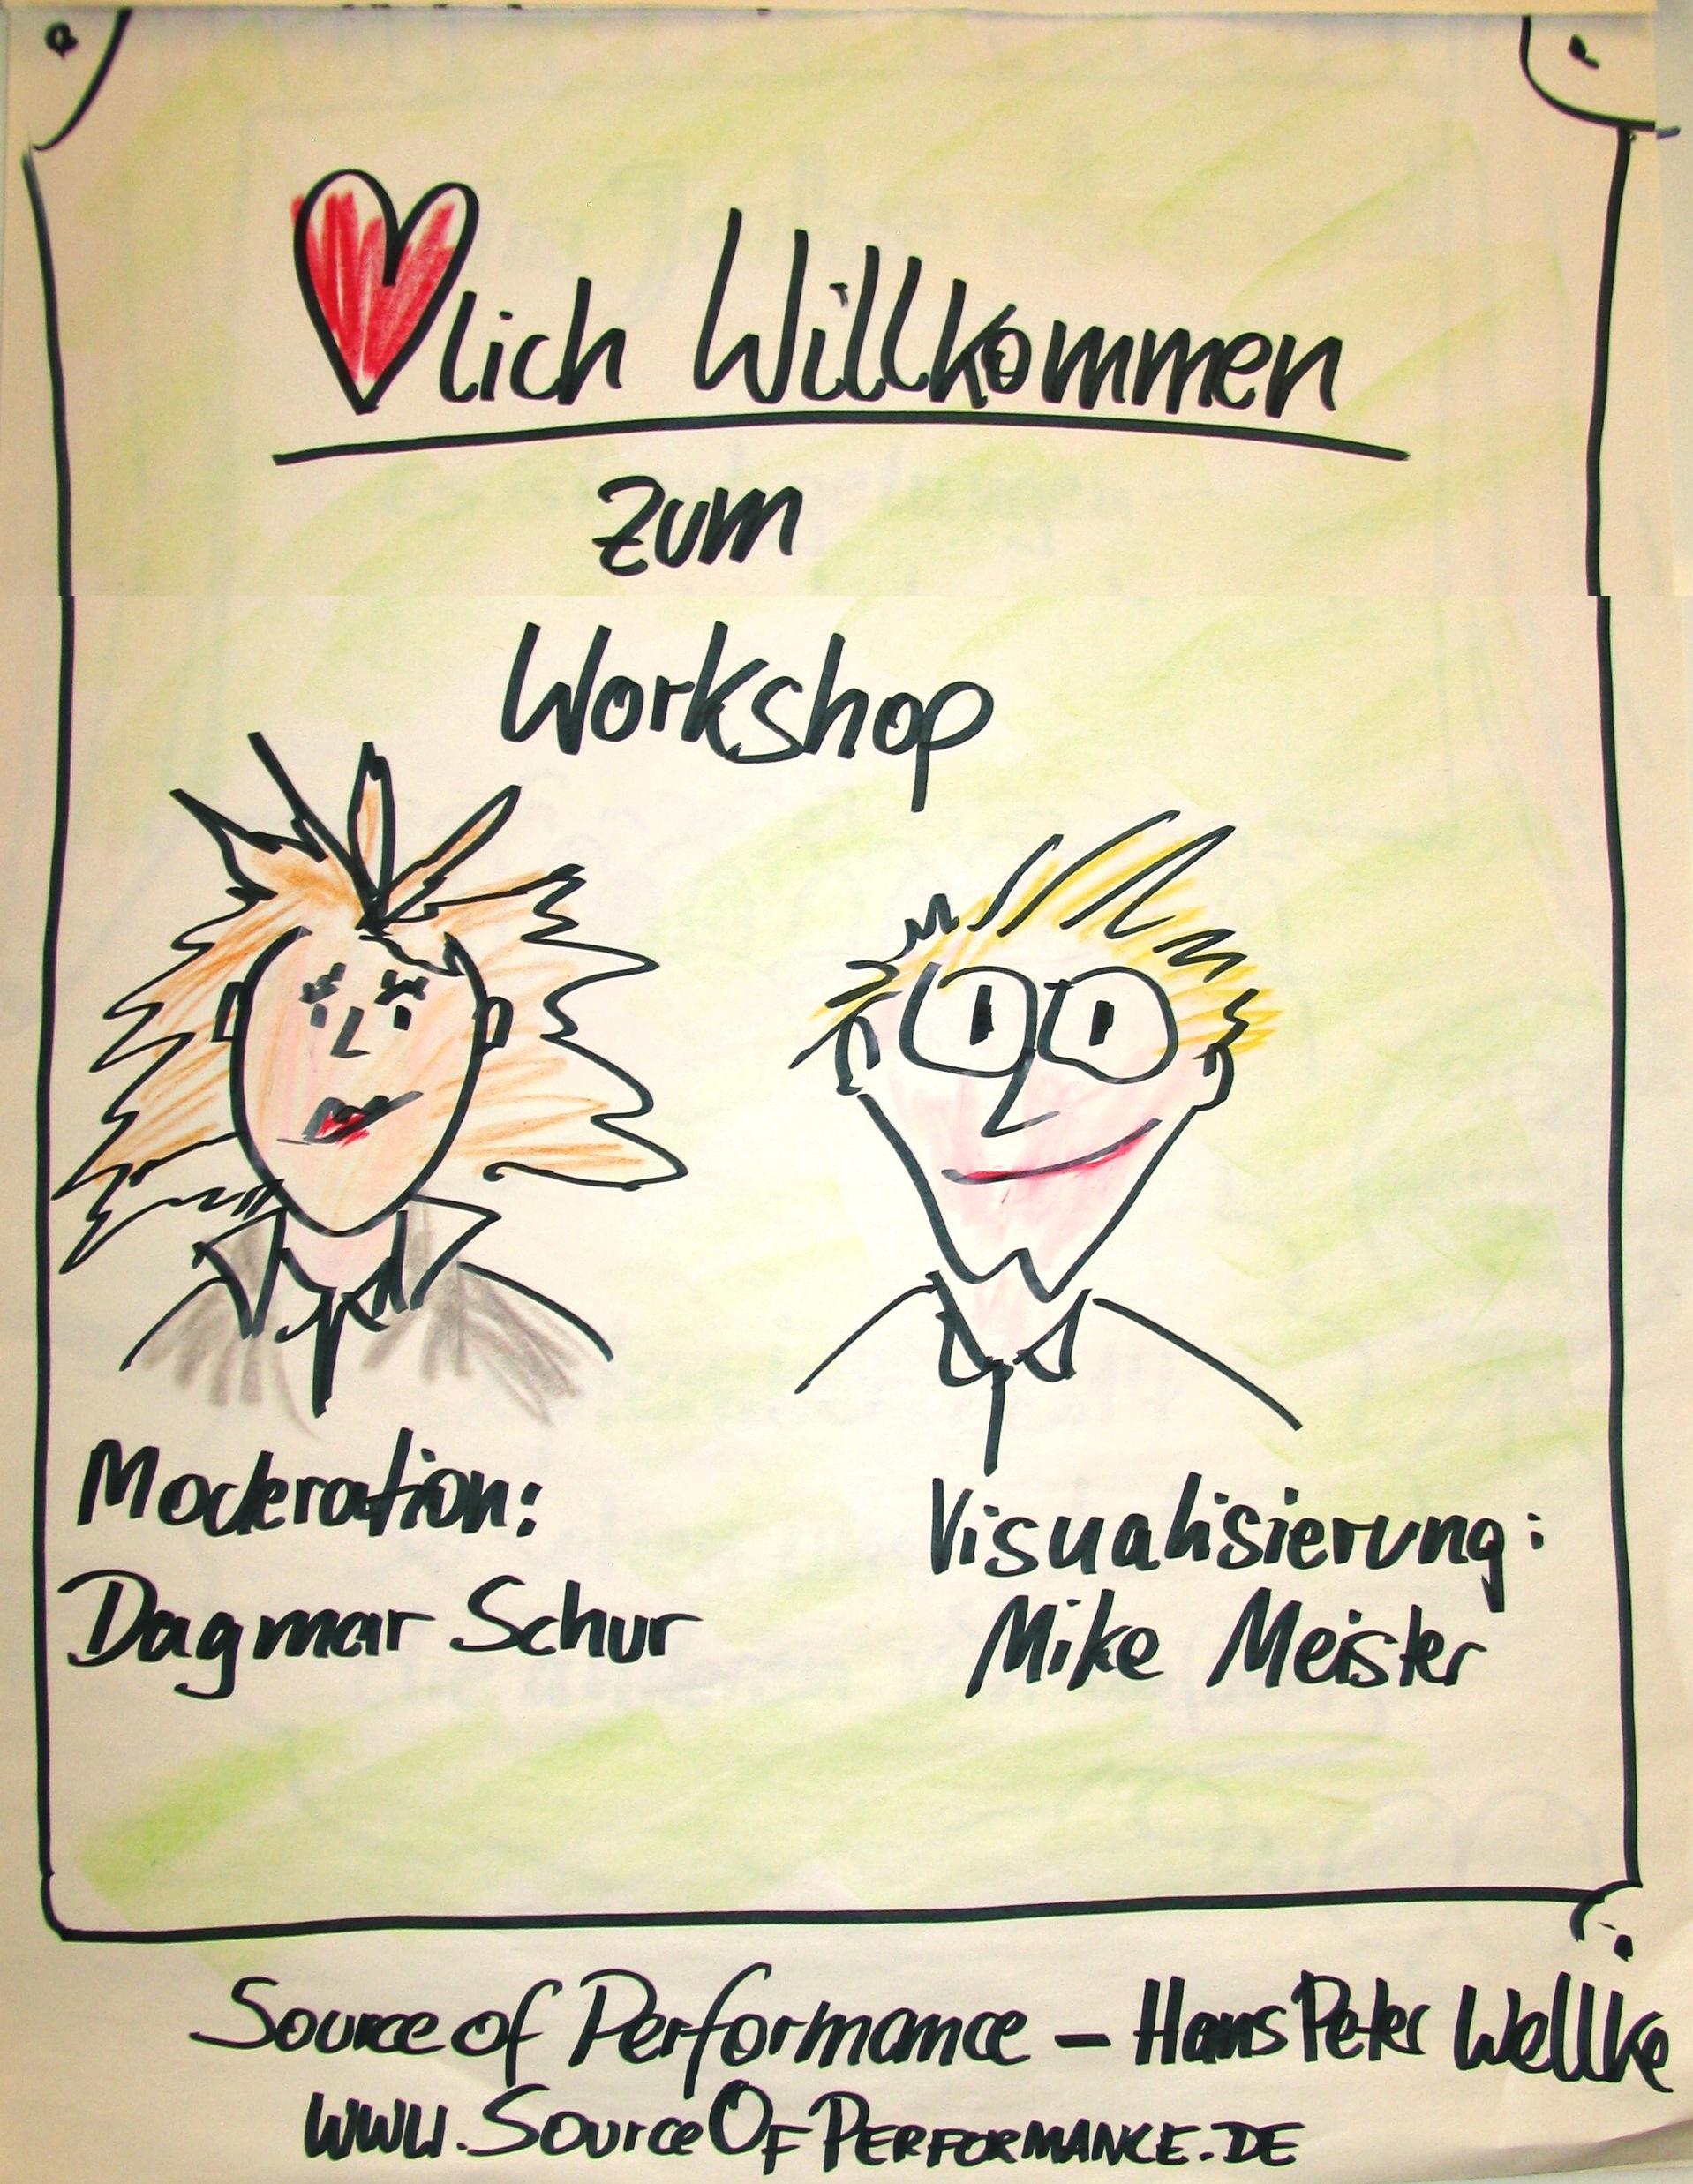 Dagmar Schur - Mike Meister als Workshopmoderatoren und Grafiker im Workshop mit Hans-Peter Wellke